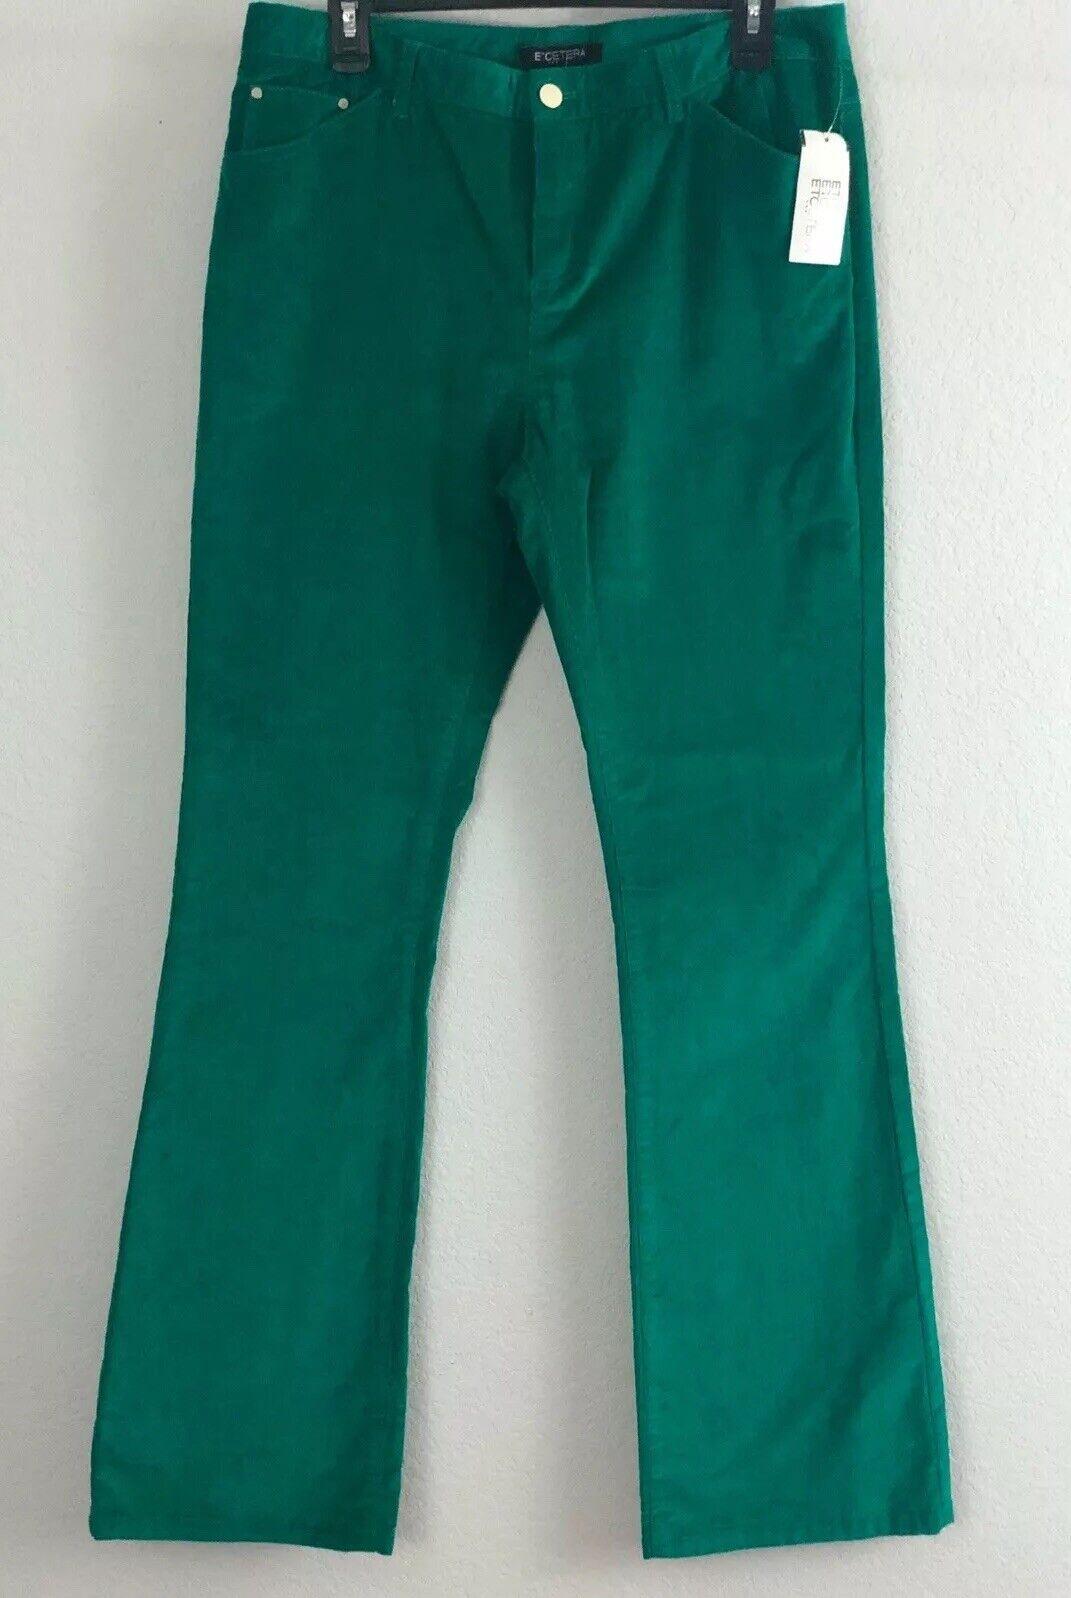 """185 Etcetera """"Giselle"""" Women's Corduroy Pants Sz 10 Cotton Spandex 34x34 NEW E3"""